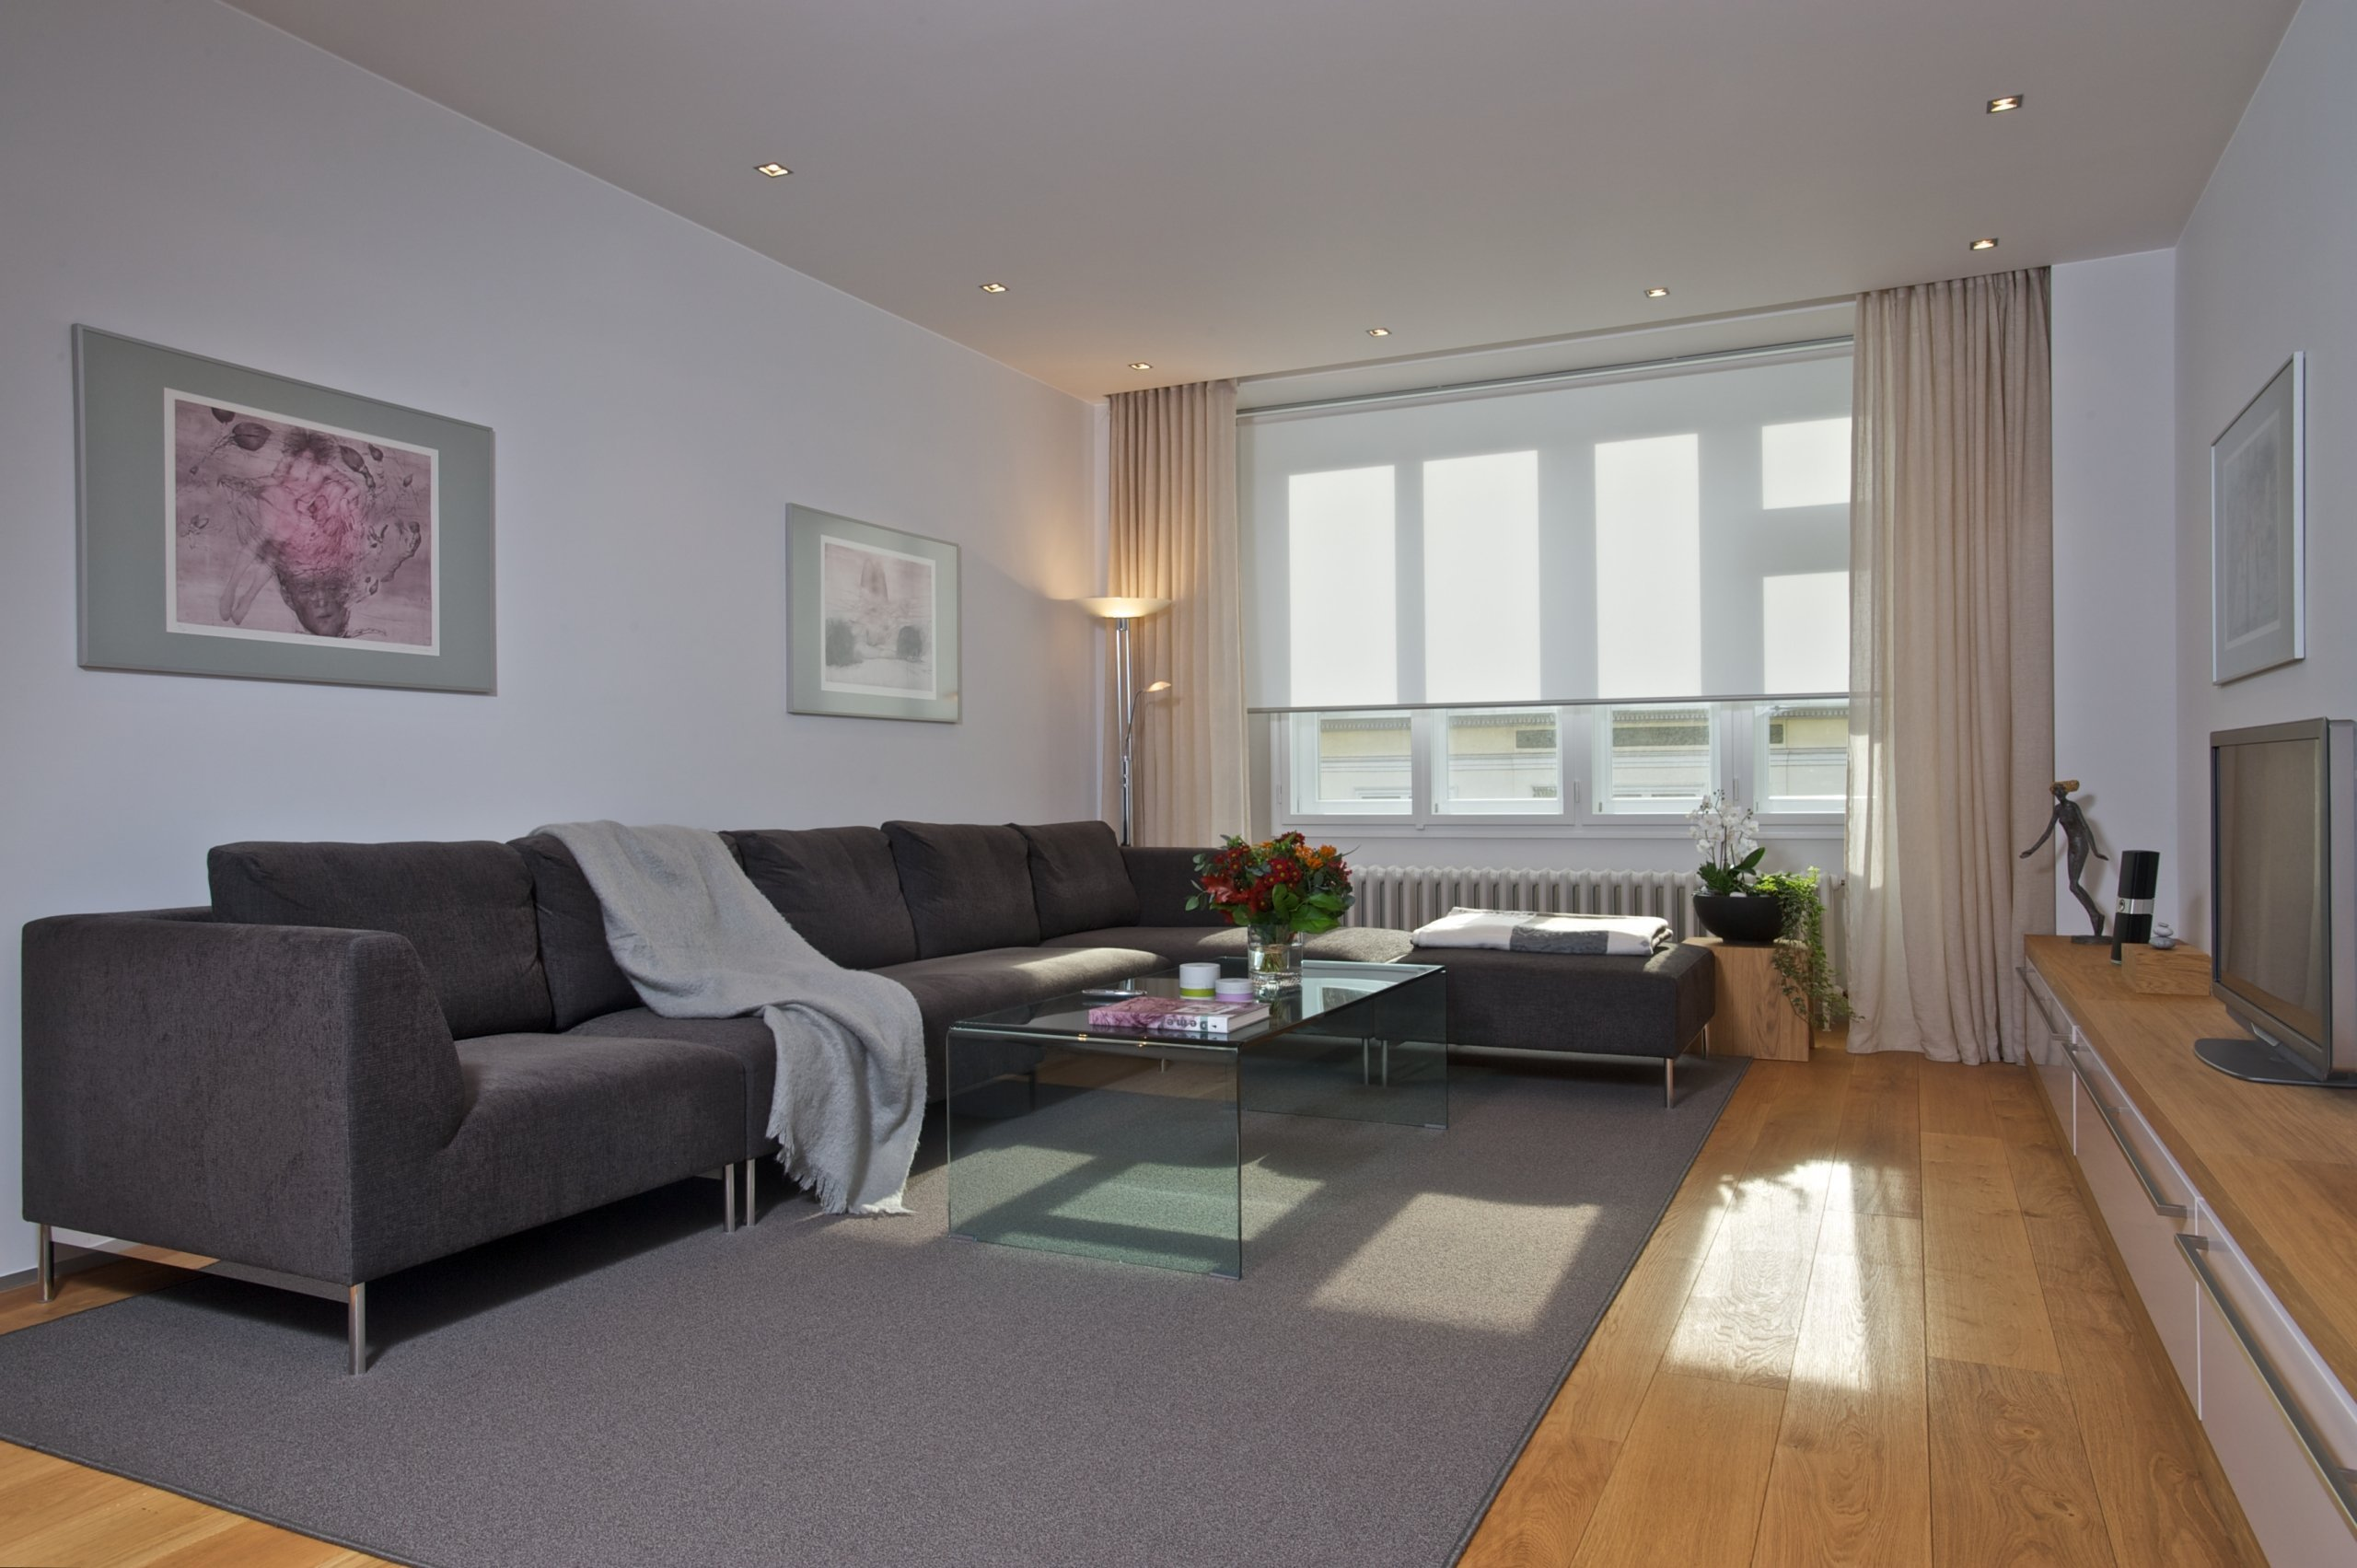 Slunný byt v poklidné atmosféře prvorepublikového domu. Rekonstrukce bytu byla provedena s důrazem na čistotu linií, promyšlenou dispozici, eleganci a…